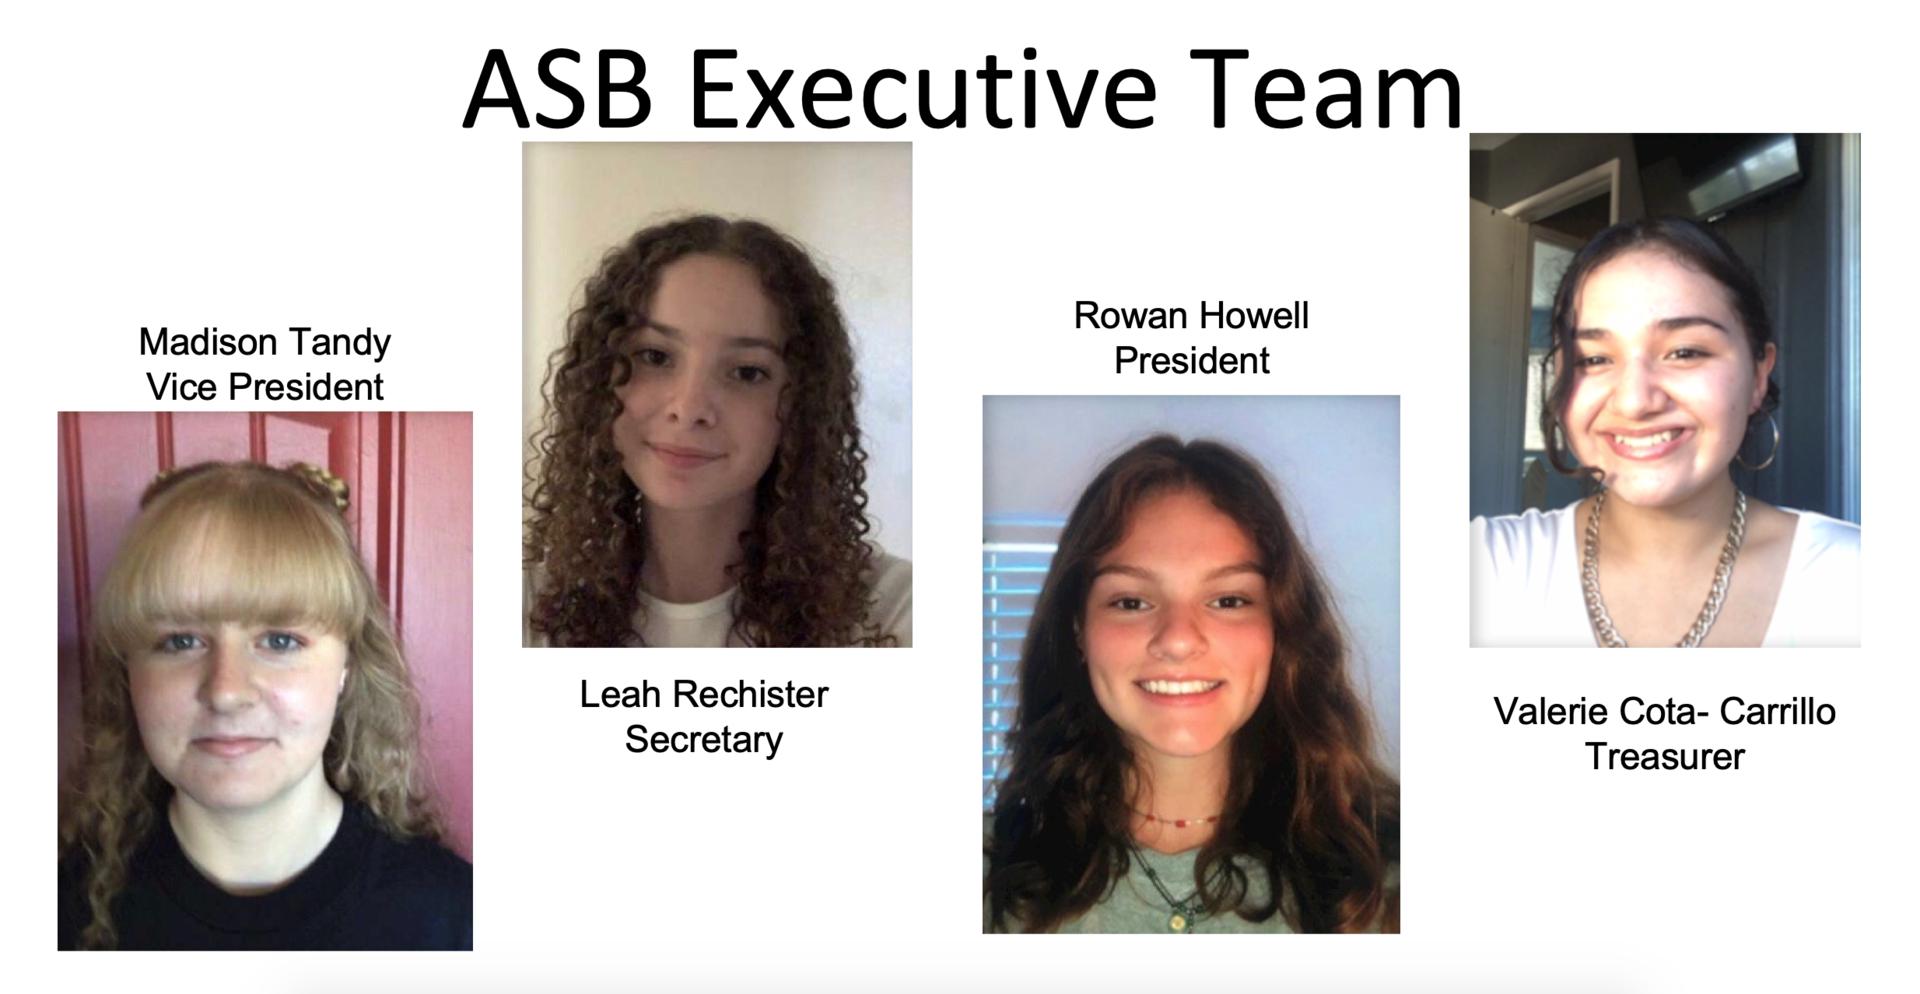 ASB Executive Team Photo